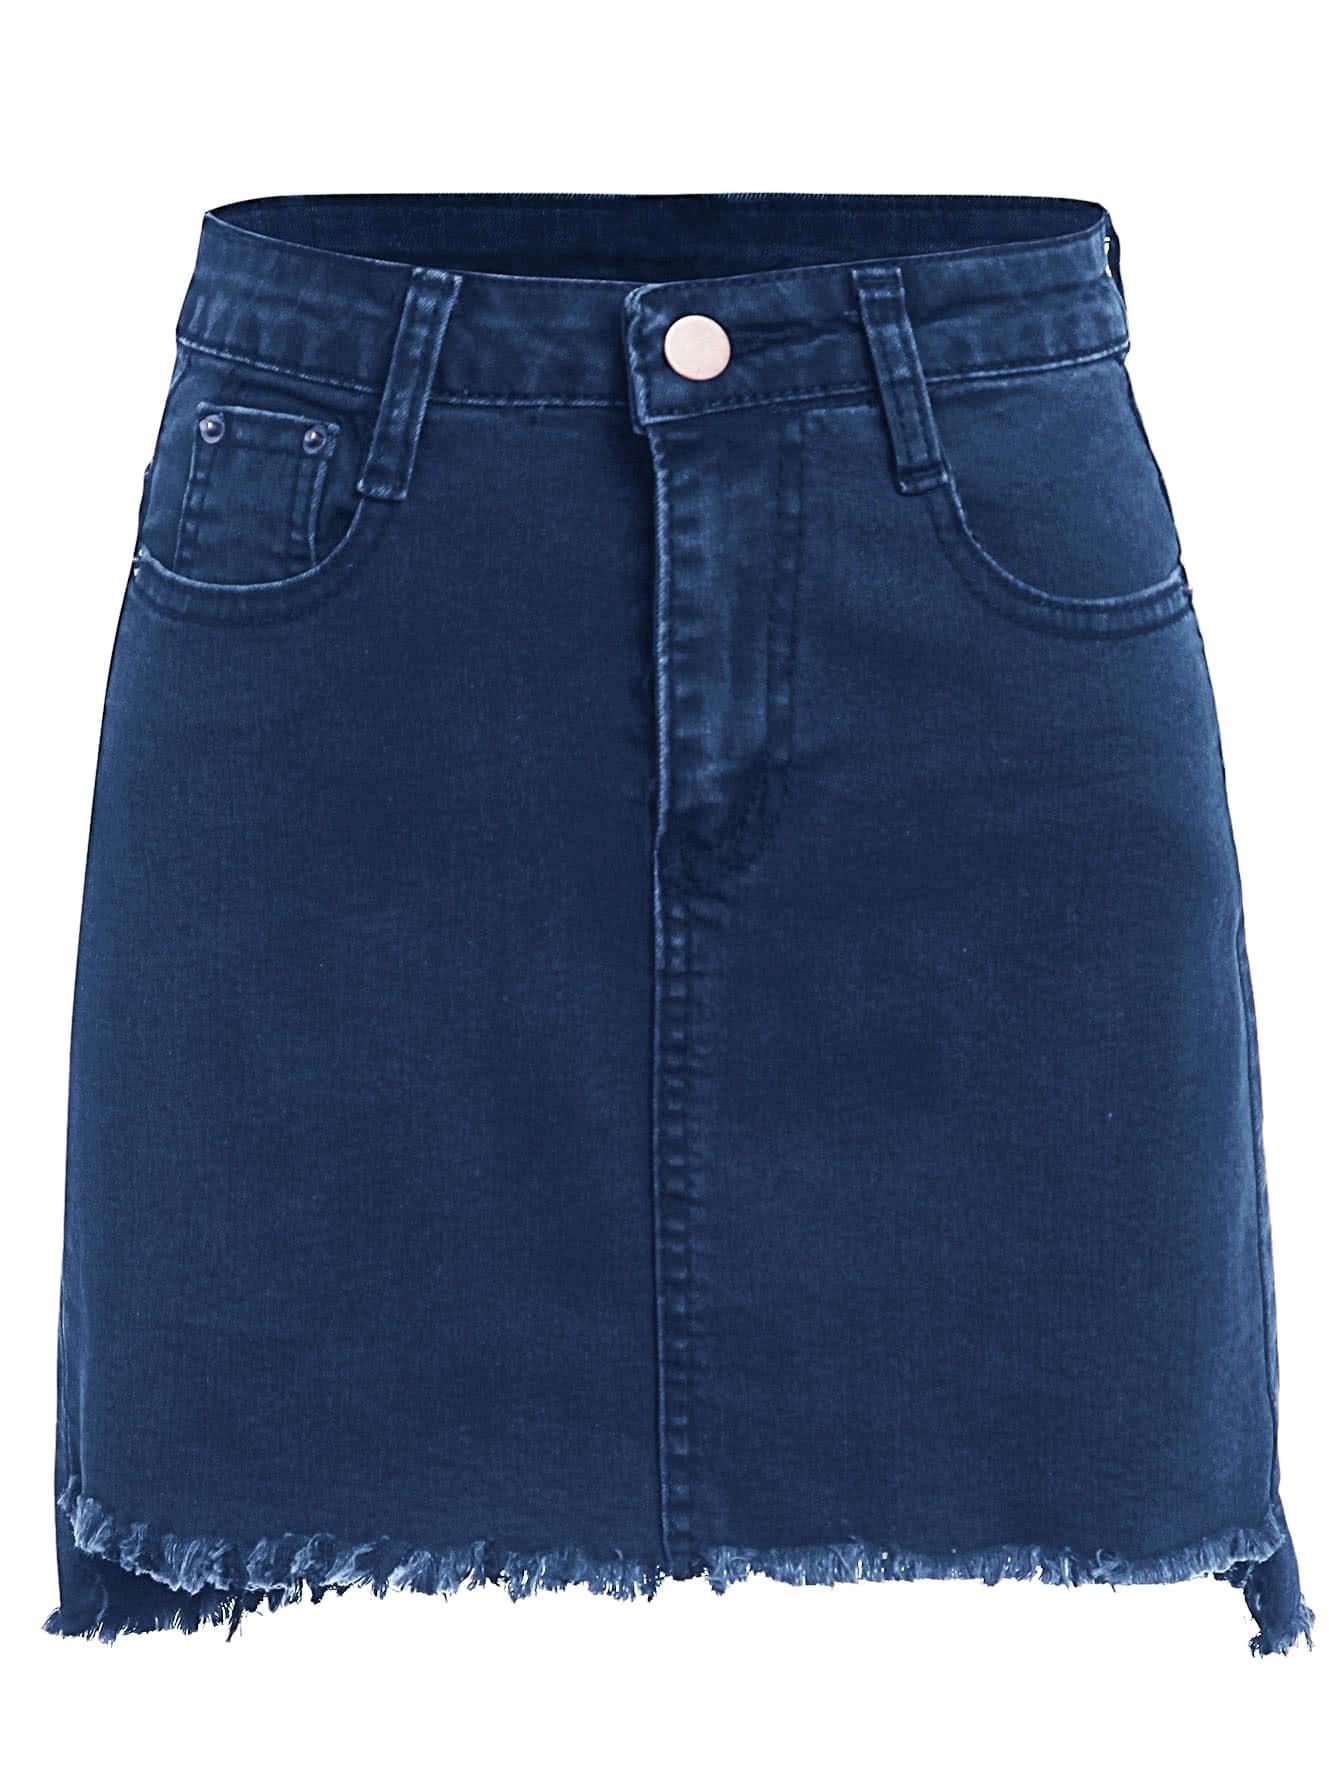 Frayed Hem Bodycon Denim Skirt